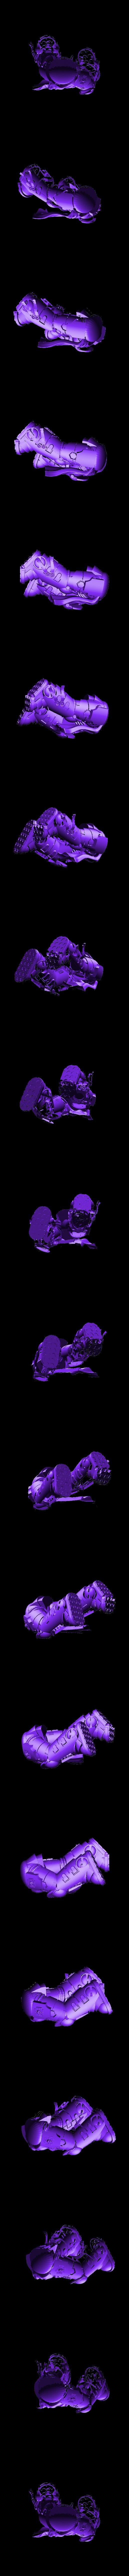 Legs 2.stl Télécharger fichier STL gratuit L'équipe des Chevaliers gris Primaris • Modèle pour imprimante 3D, joeldawson93